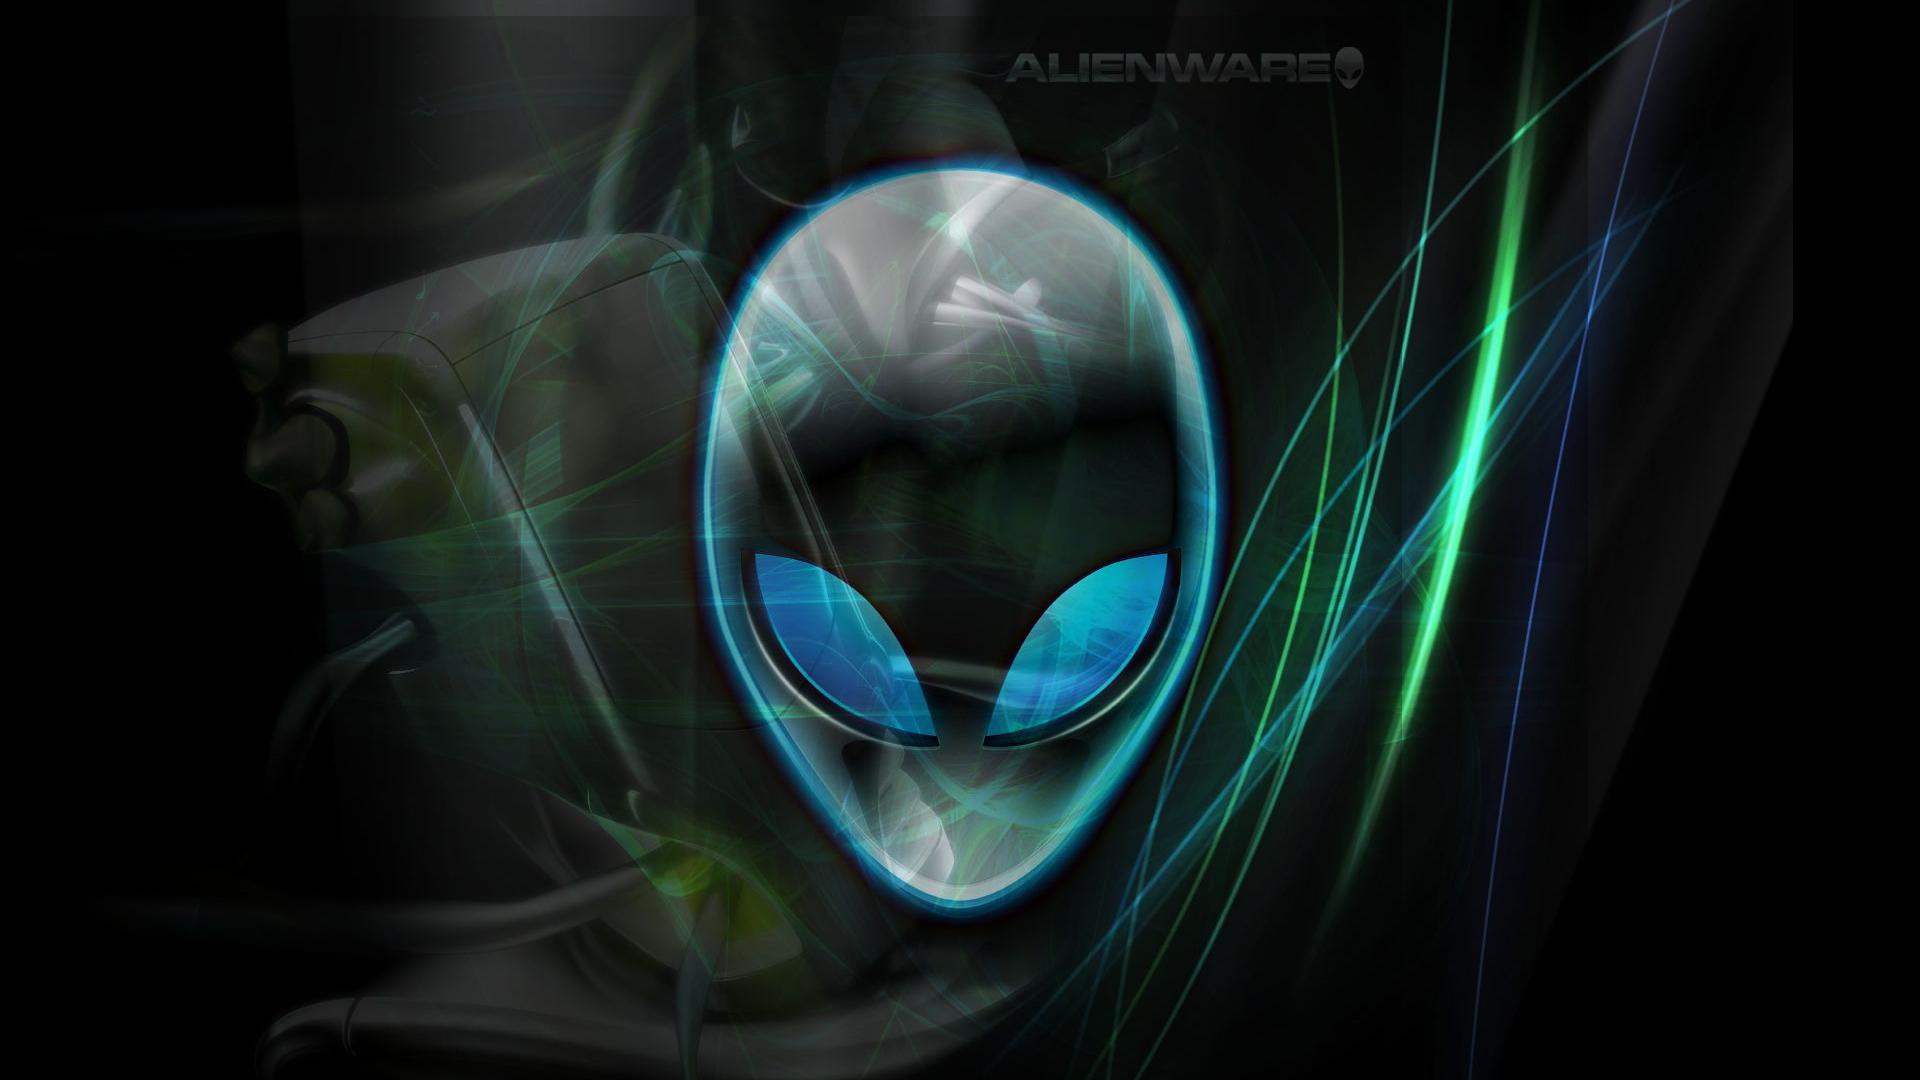 Free Download Alien 3d Wallpaper Papel De Parede 3d Alien